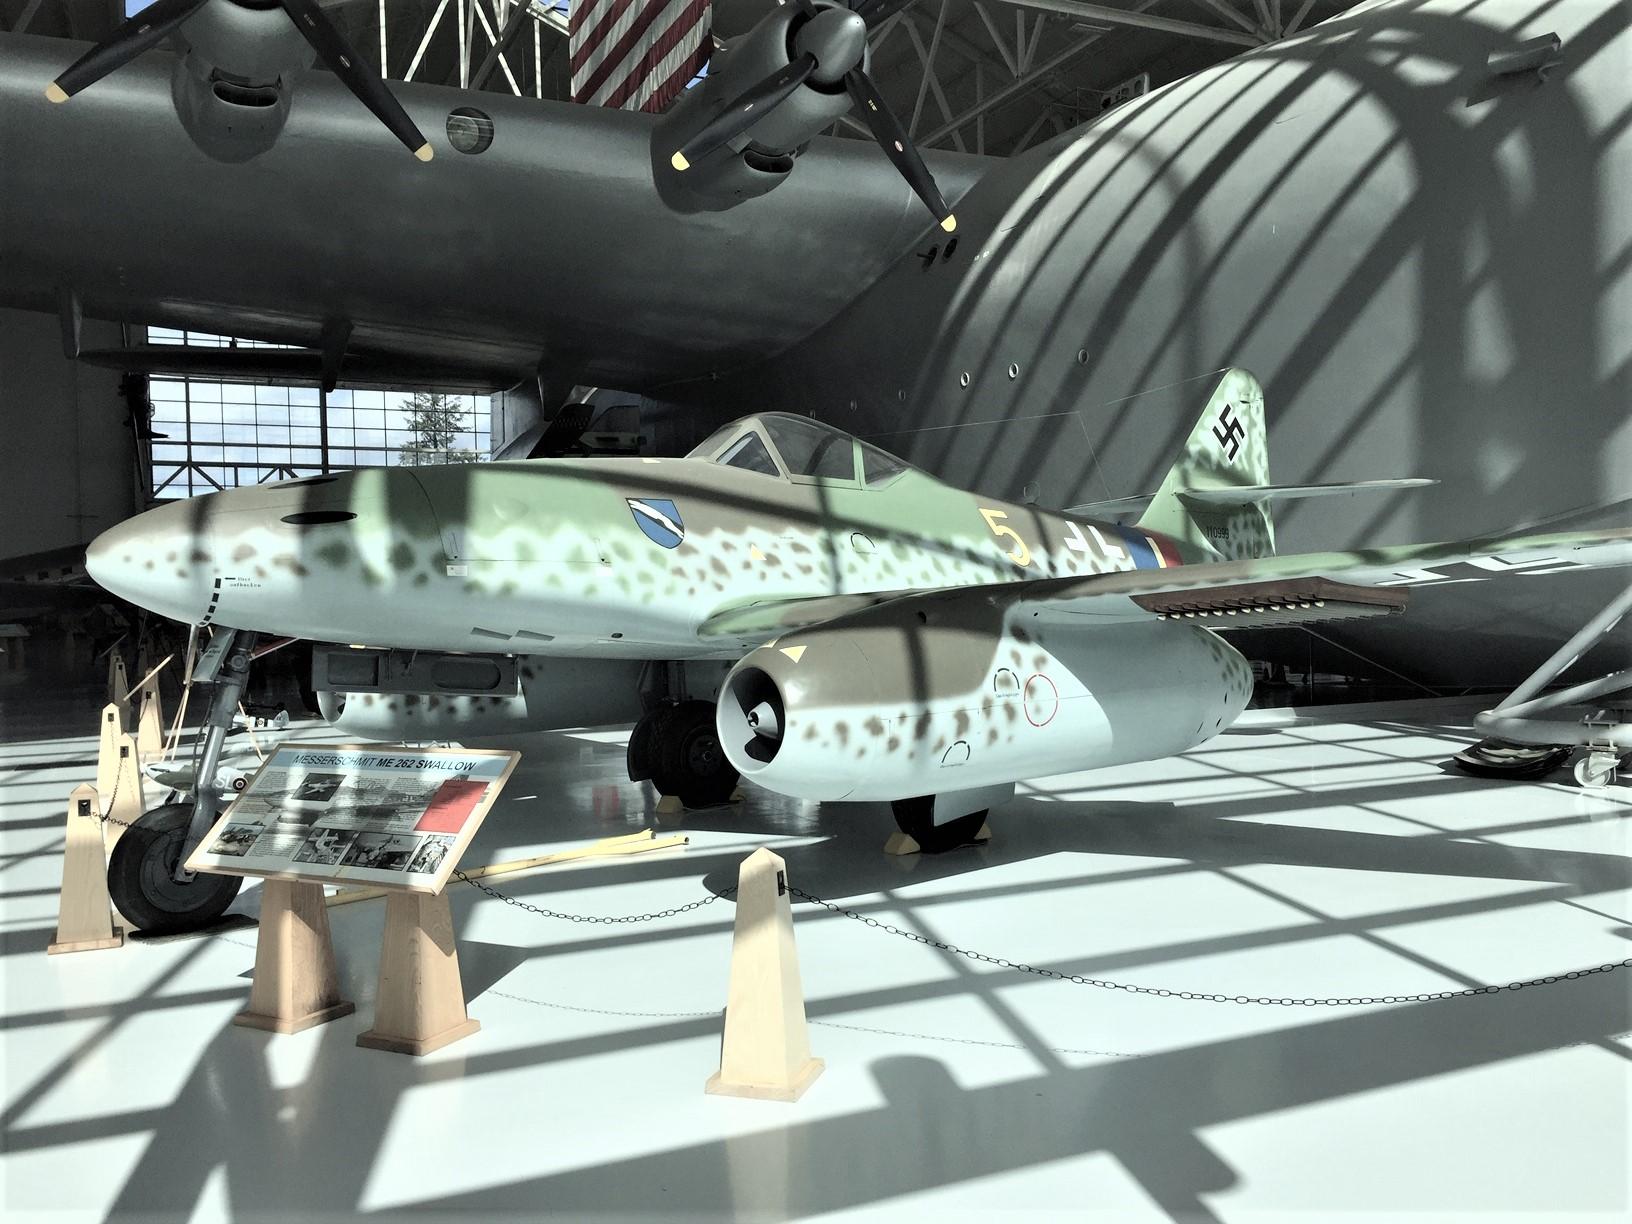 German WWII-era Messerschmitt Me 262 jet at Evergreen Aviation & Space Museum, McMinnville, OR (Photo: Sarah Sundin, March 2019)